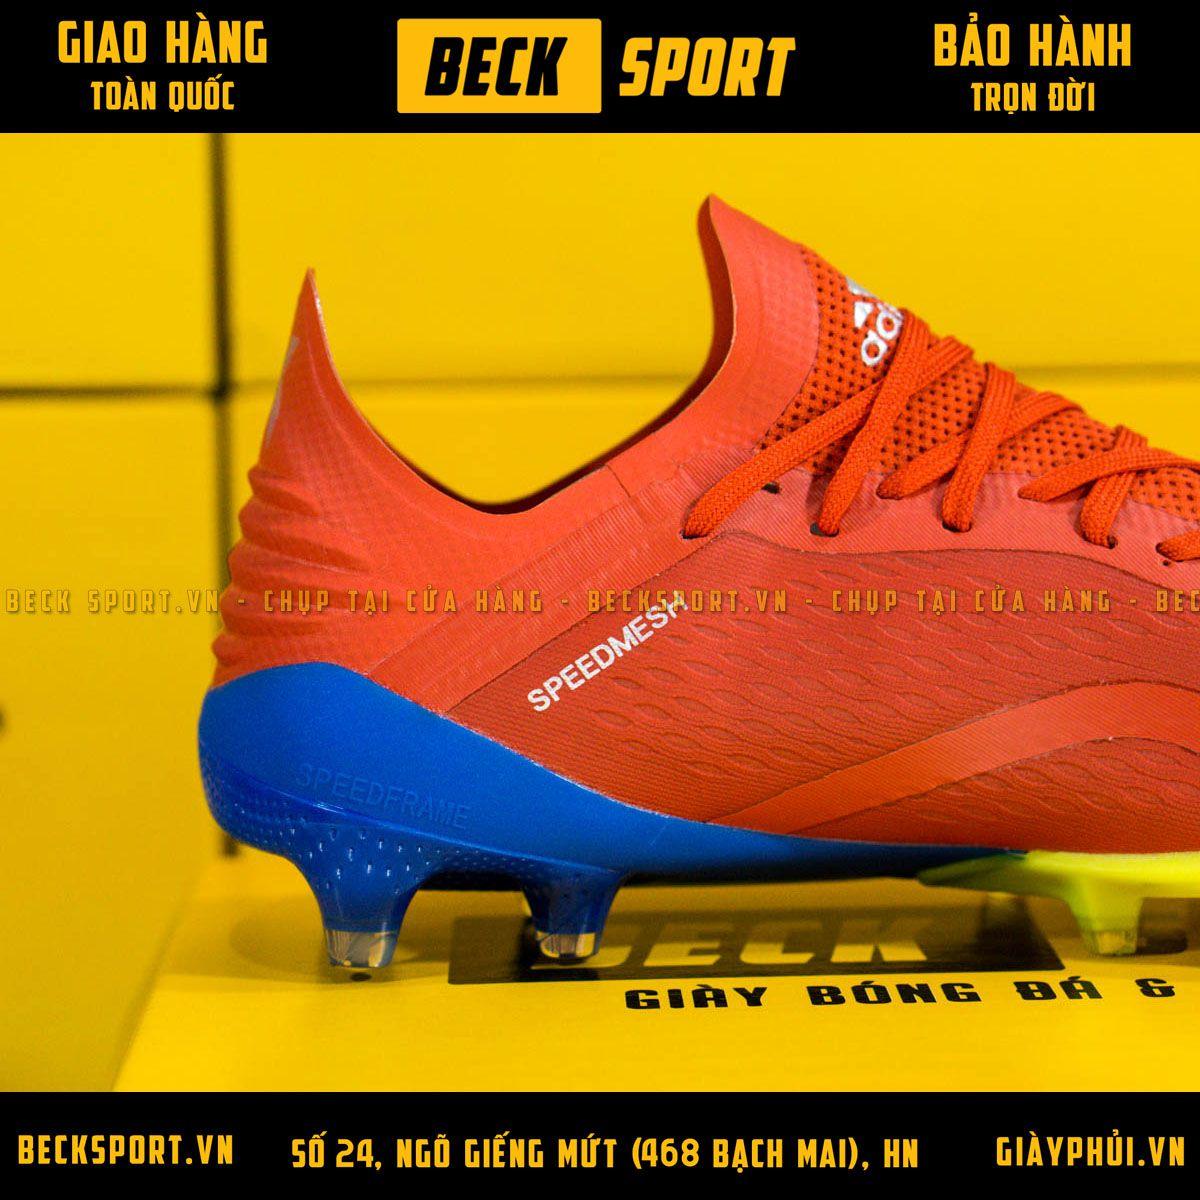 Giày Bóng Đá Adidas X 18.1 Đỏ Vạch Bạc Đế Chuối FG